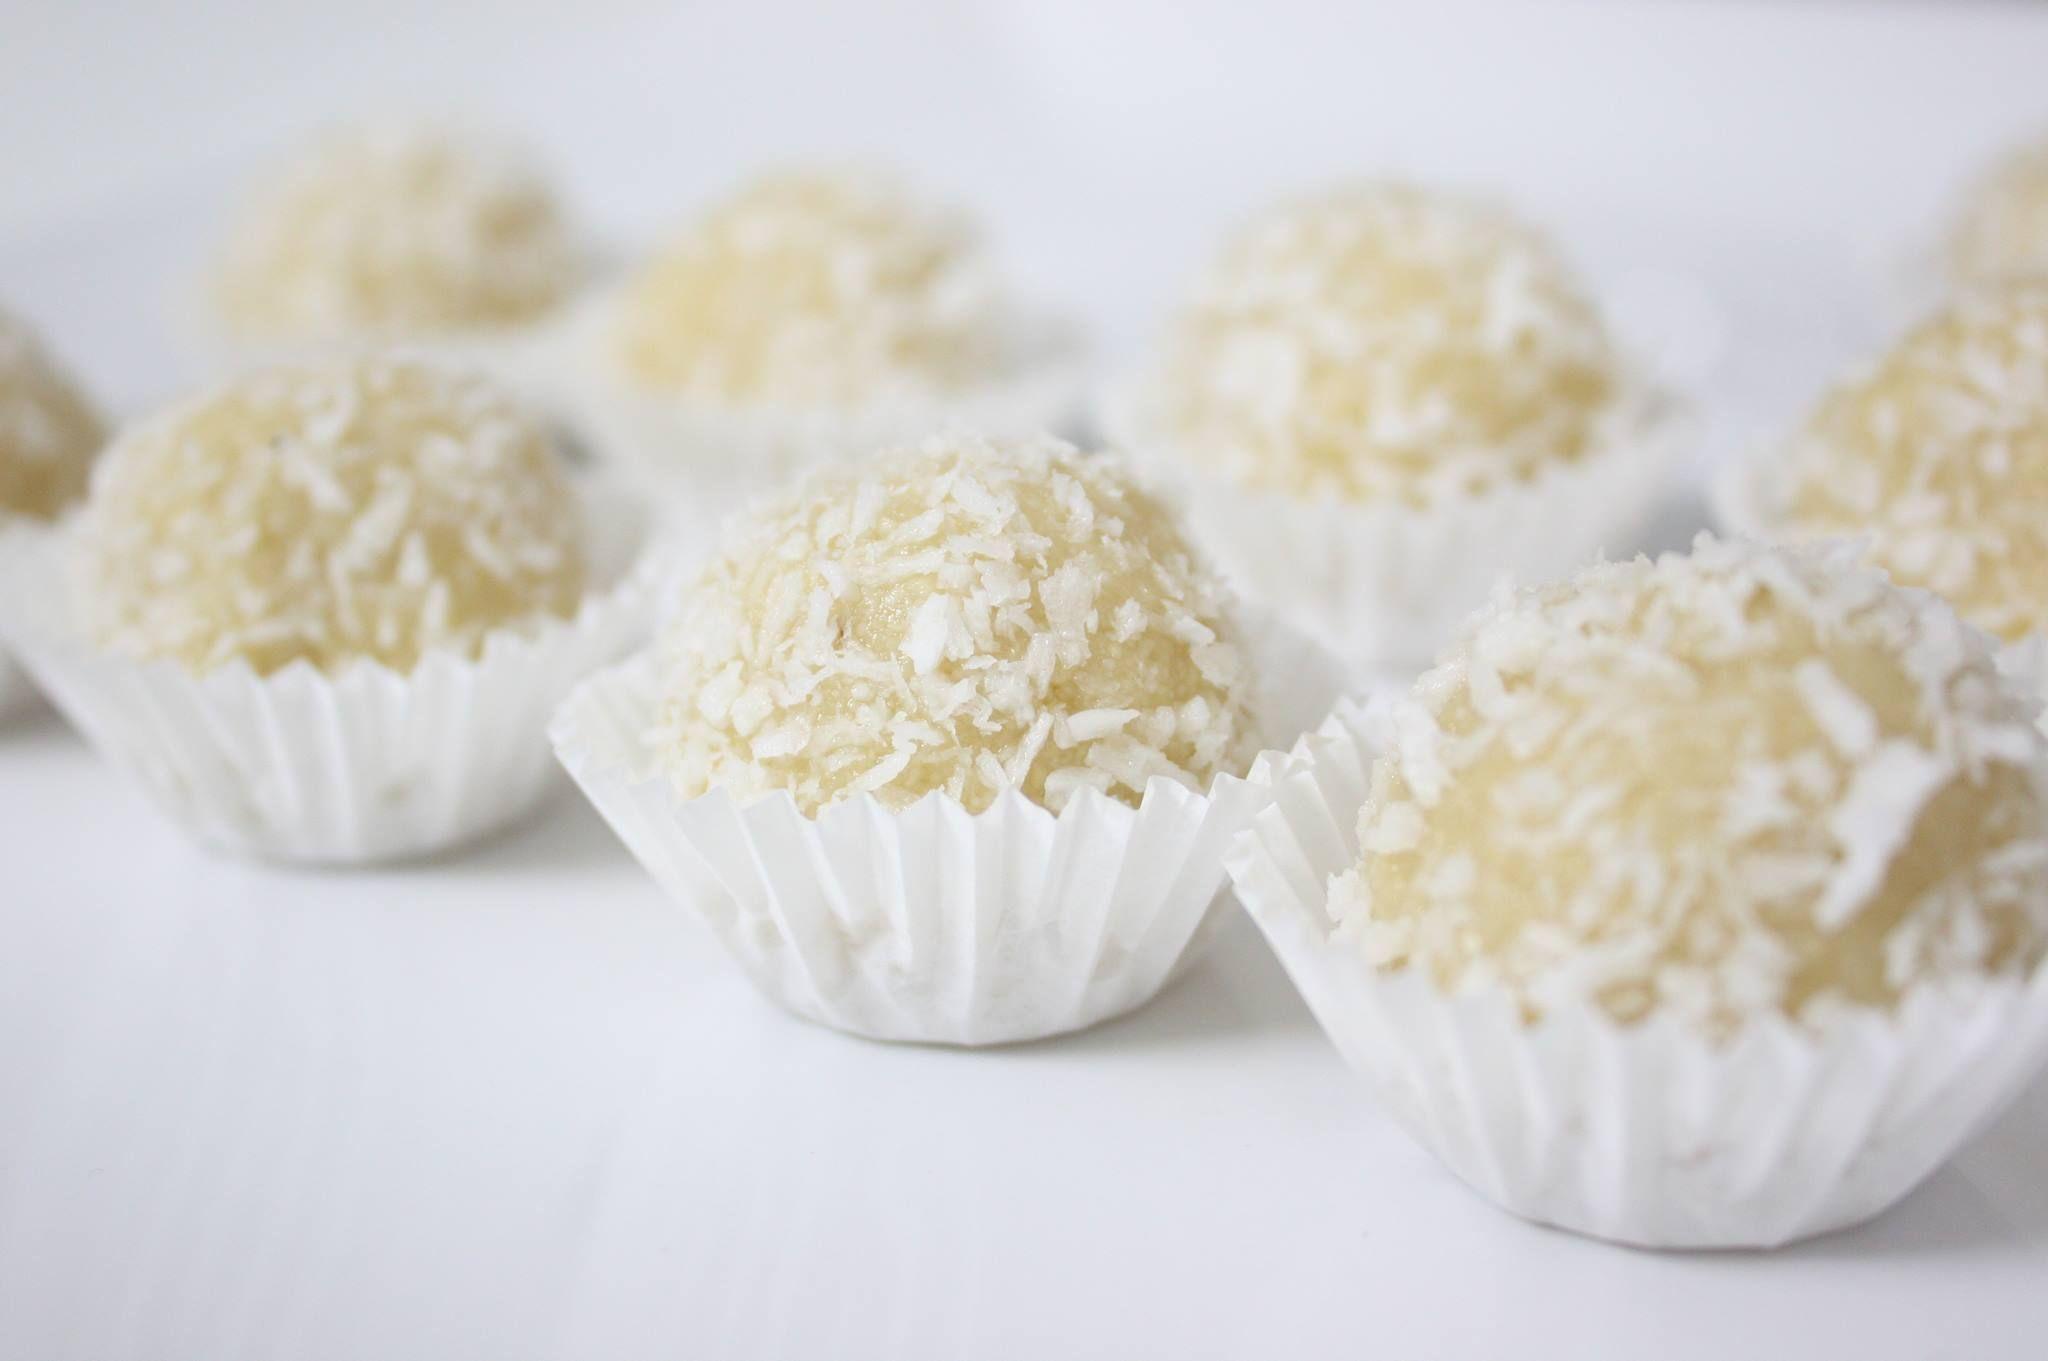 Bomboane cu cocos.  Reţeta o puteţi găsi aici în format text dar şi video: http://www.babyboom.ro/bomboane-cu-cocos/